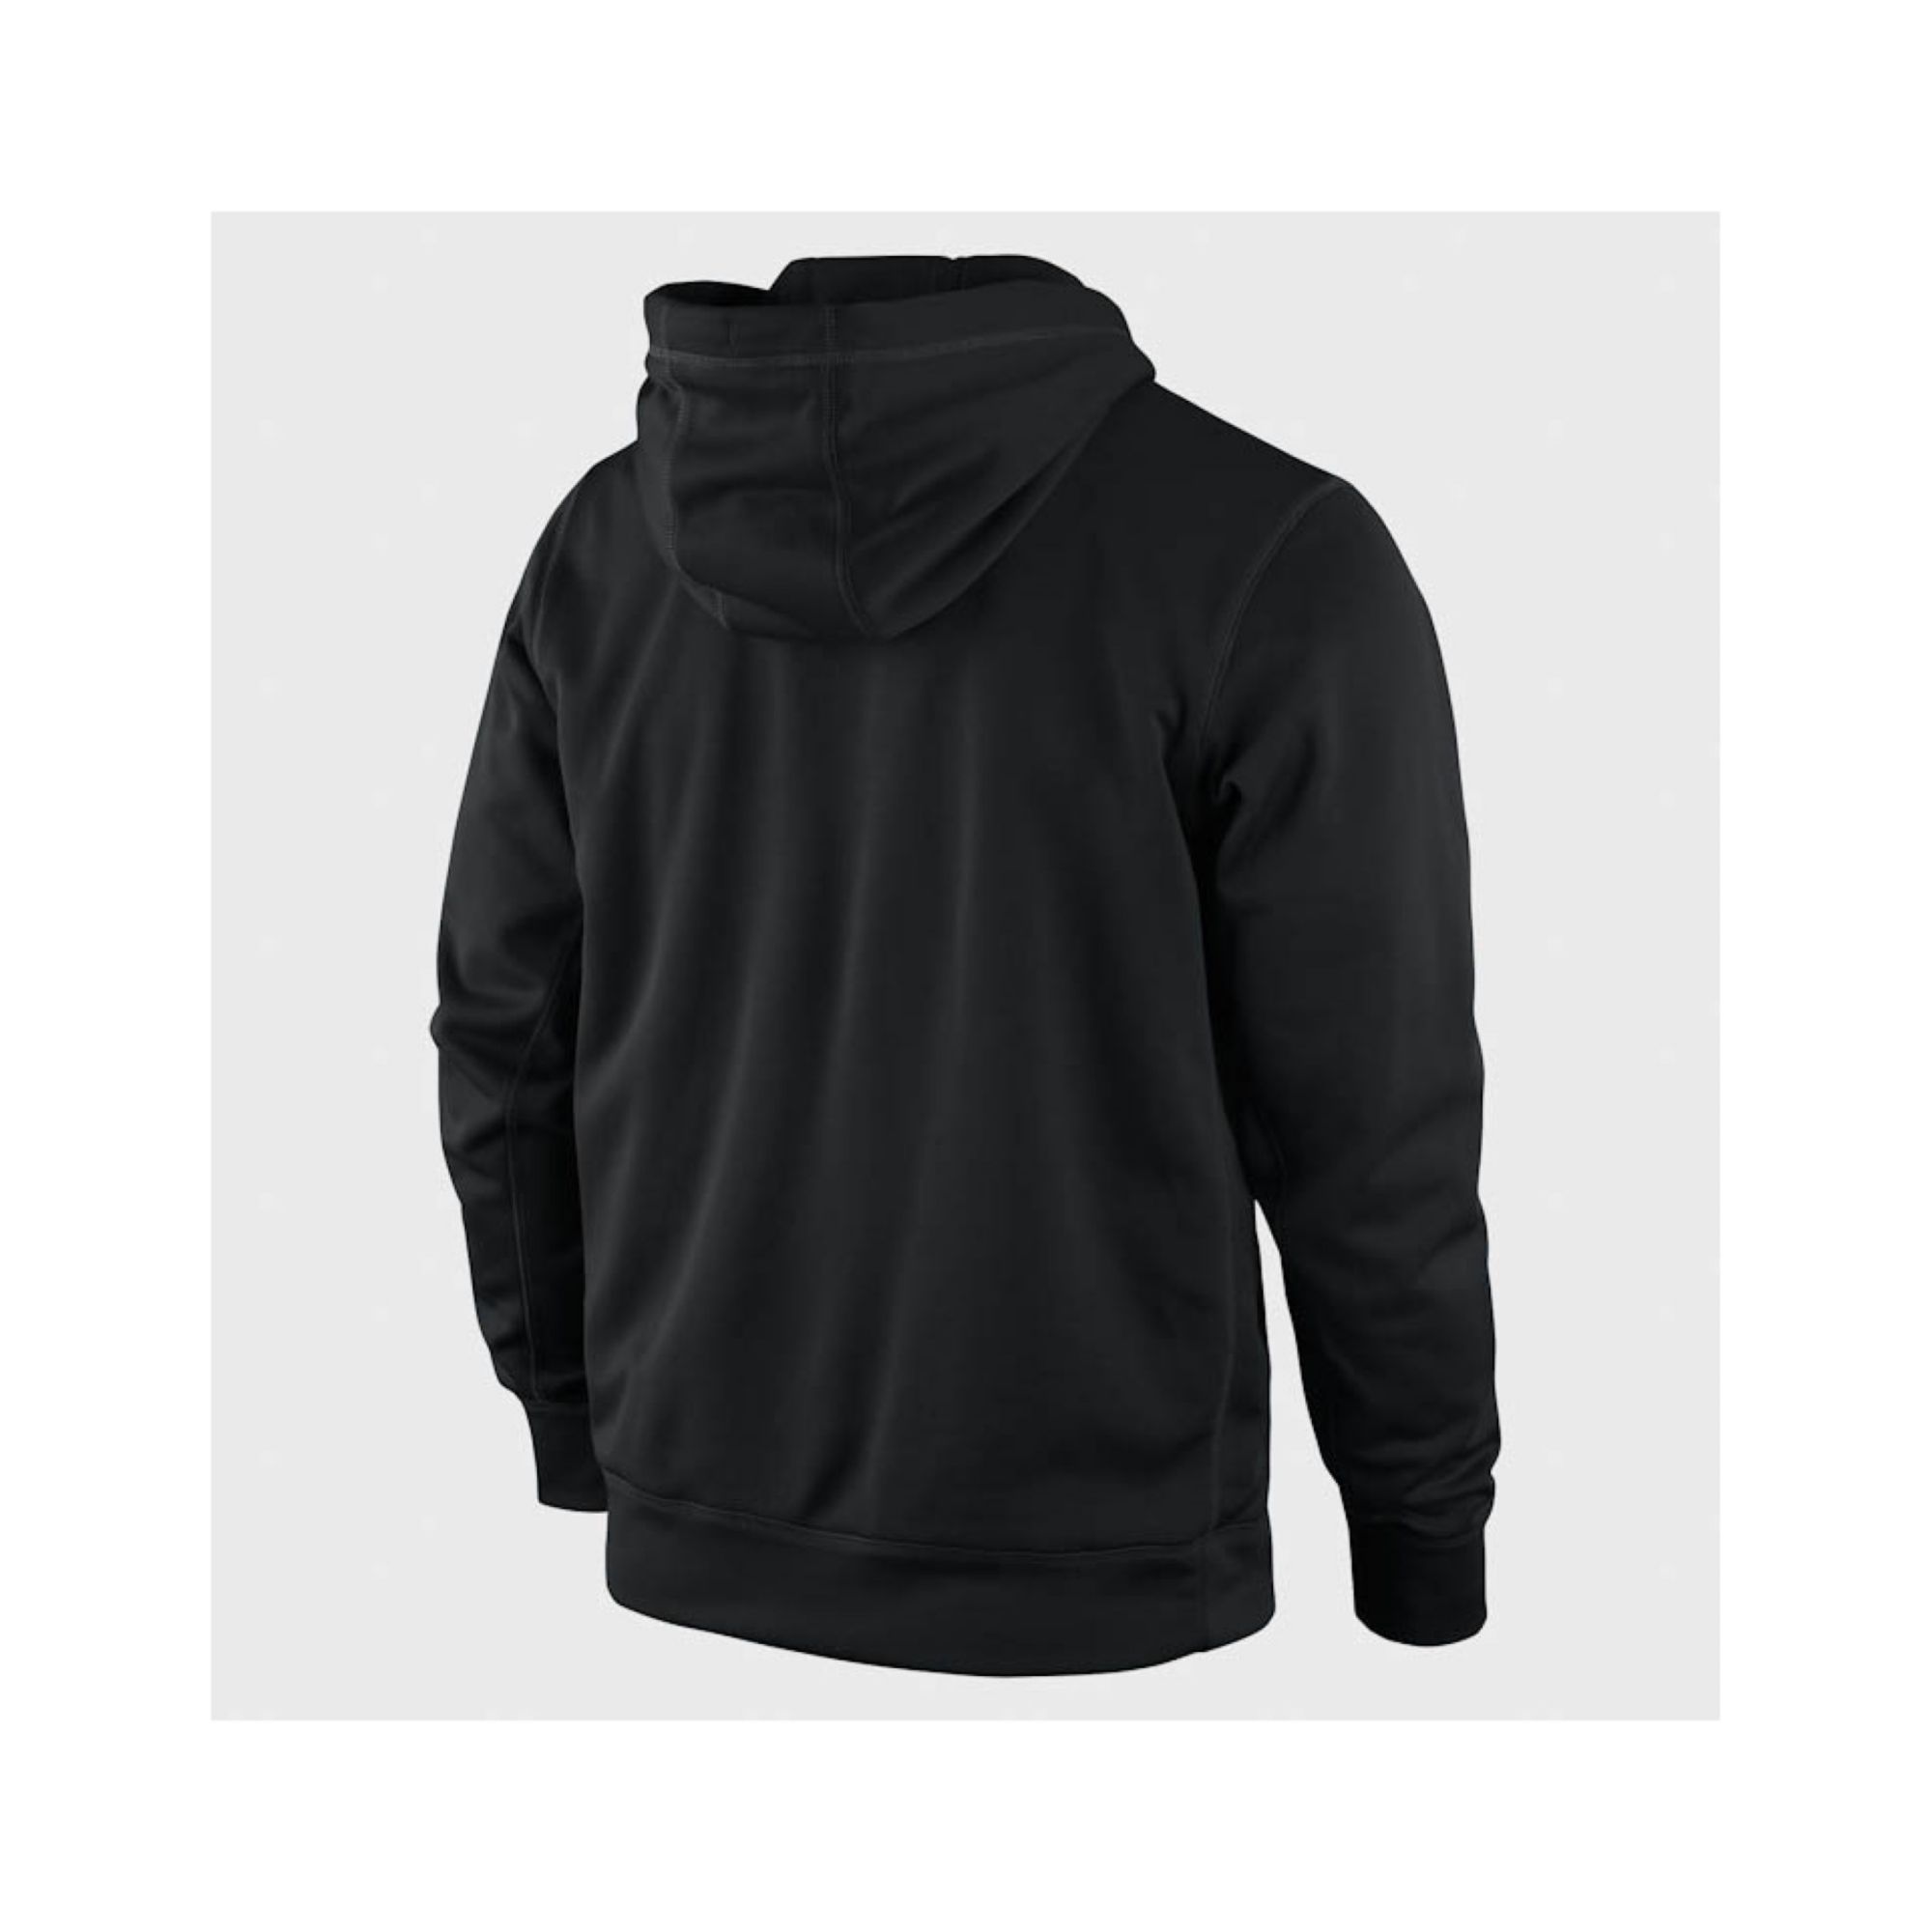 3630386660f7 Lyst - Nike Mens New Orleans Saints Performance Hoodie Sweatshirt in ...